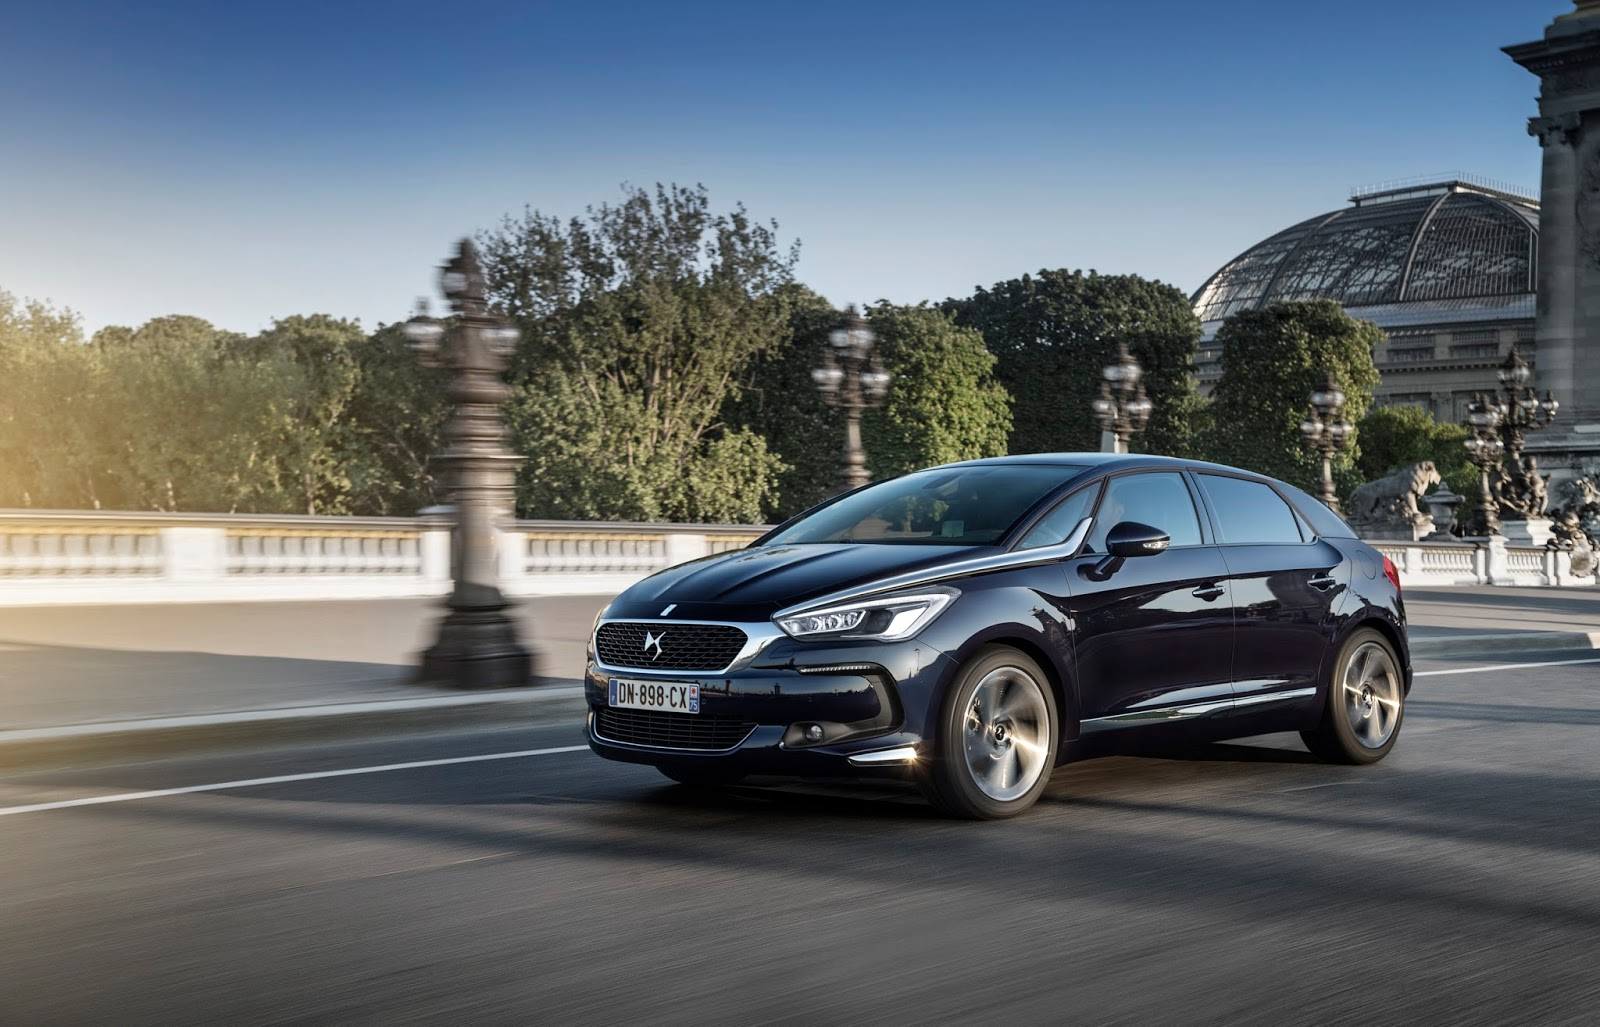 CL%2B15.045.019 Στο Σαλόνι Αυτοκινήτου της Γενεύης η παγκόσμια πρεμιέρα για το DS 3 PERFORMANCE & DS 3 Cabrio PERFORMANCE των 208 ίππων ds 3, DS 3 PERFORMANCE, DS 4, DS 4 Crossback, DS 5, DS Automobiles, Virtual Garage, Σαλόνι Αυτοκινήτου, Σαλόνι Αυτοκινήτου της Γενεύης